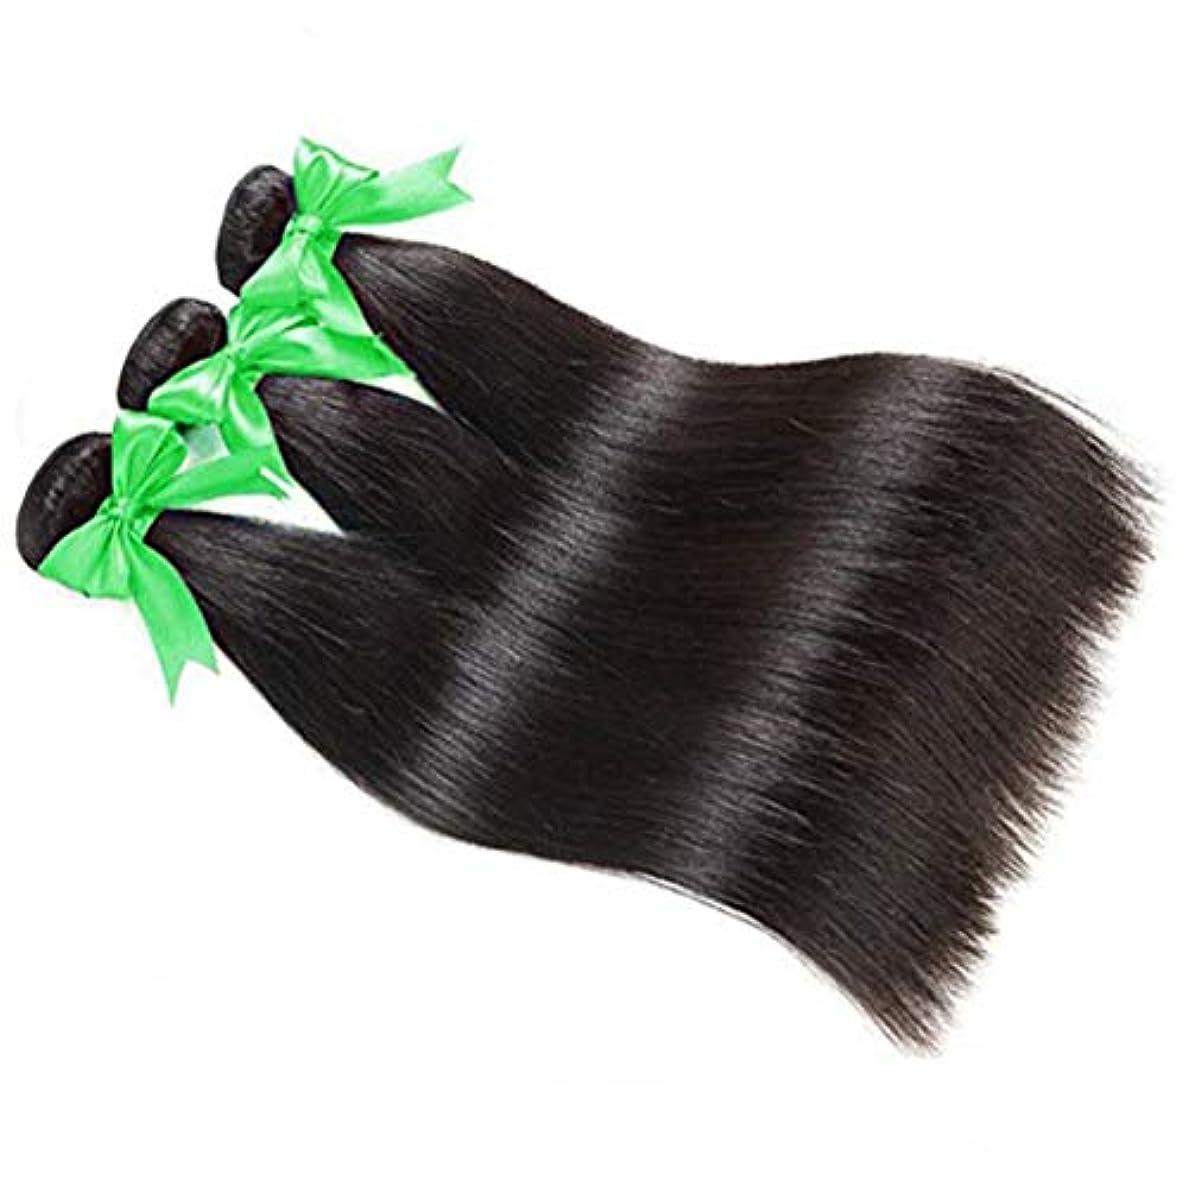 マルクス主義寄稿者シーケンス女性ストレート人間の髪の毛1バンドル100%未処理の絹のようなストレートバージン人間の髪の毛の束ダブル横糸ソフトと太い髪